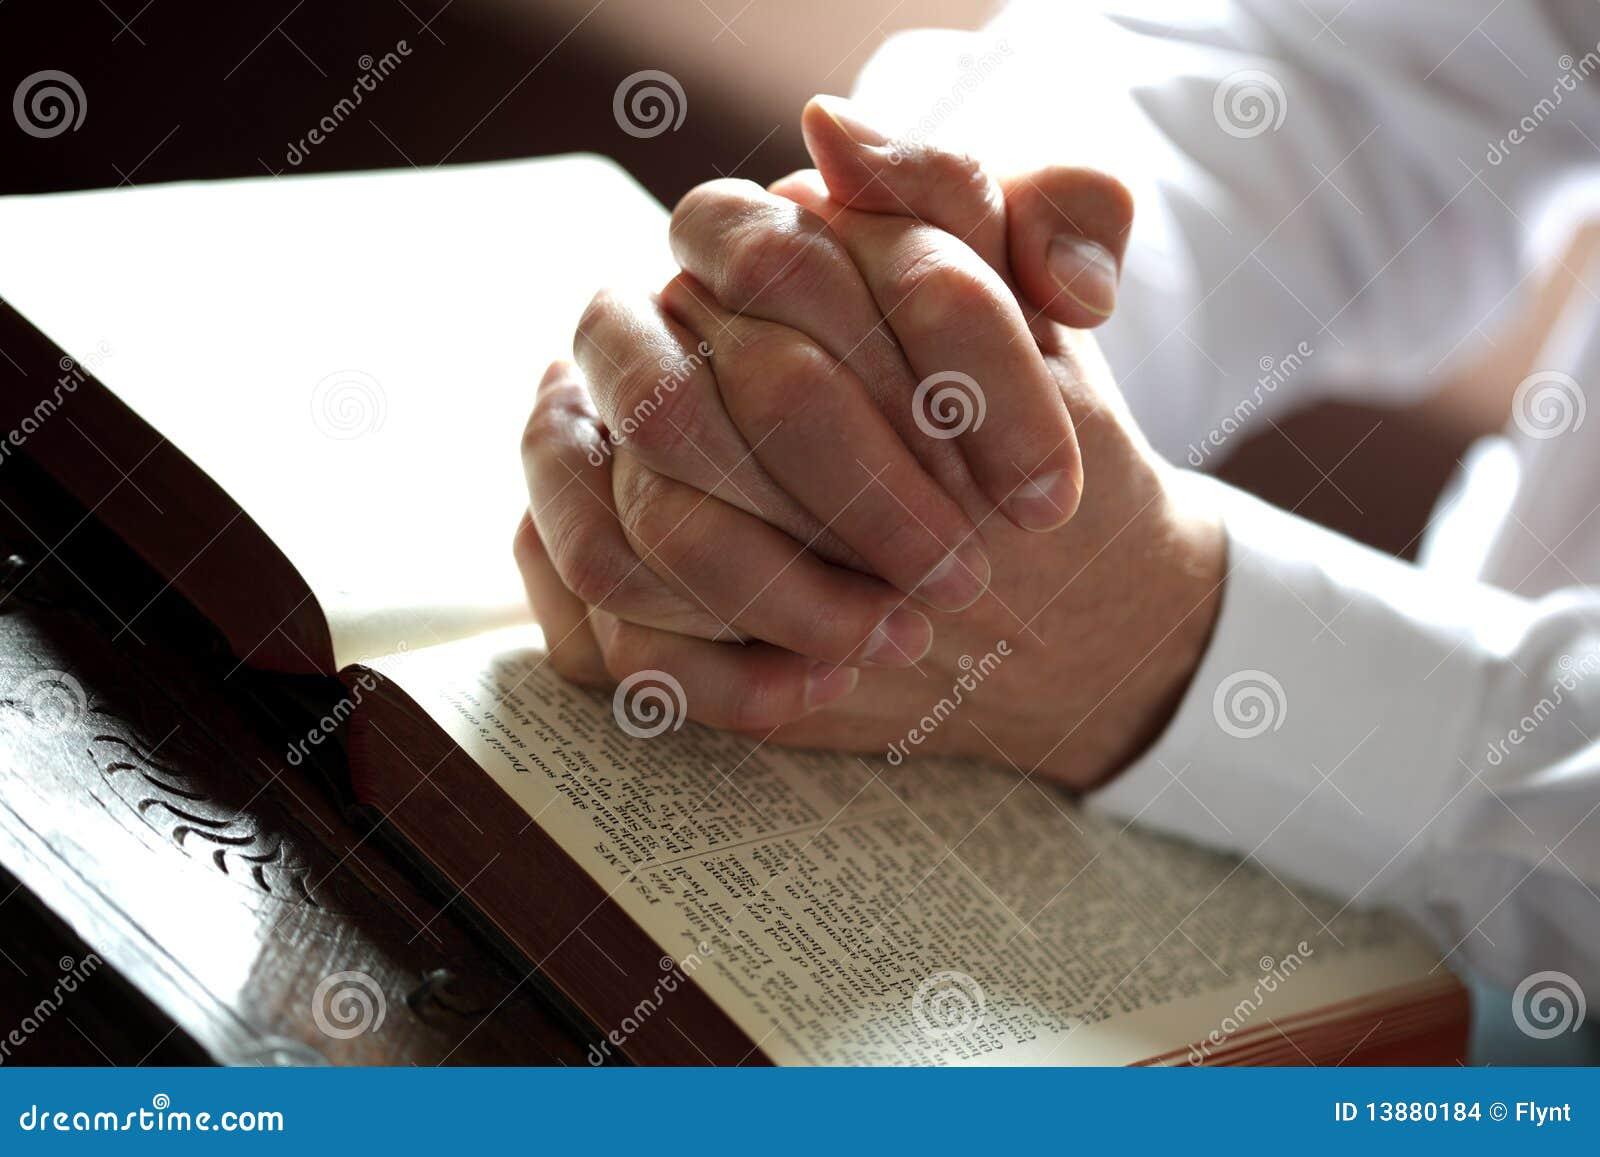 Mains de prière sur une bible ouverte